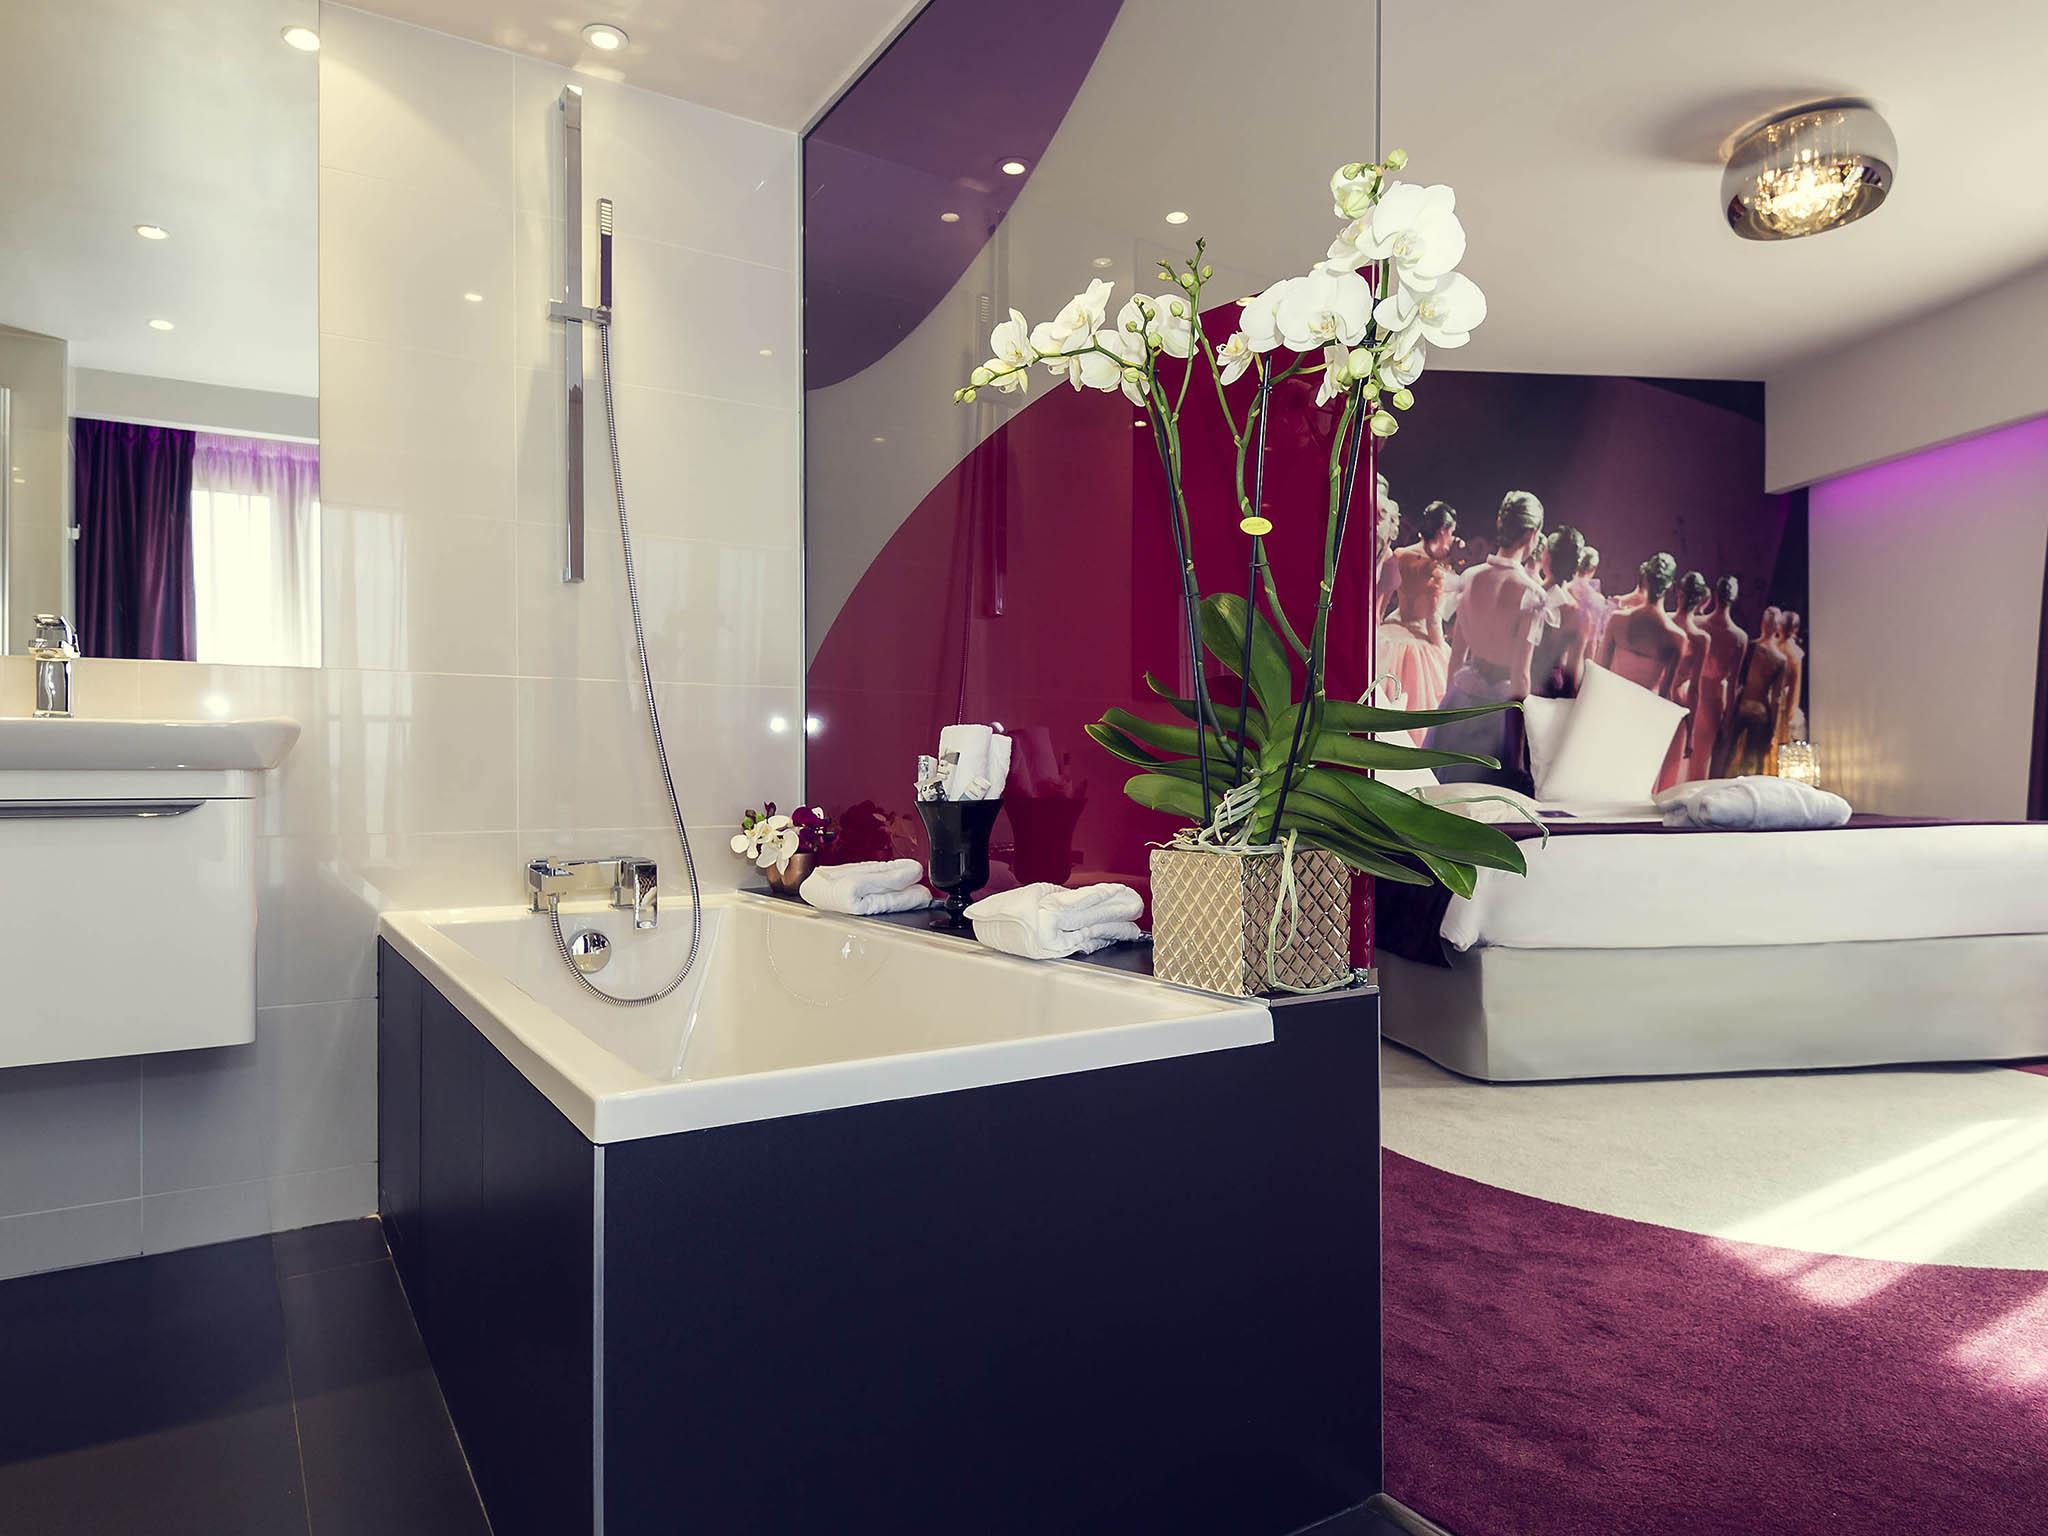 โรงแรม – โรงแรมเมอร์เคียว ปารีส ปลาส ดีตาลี